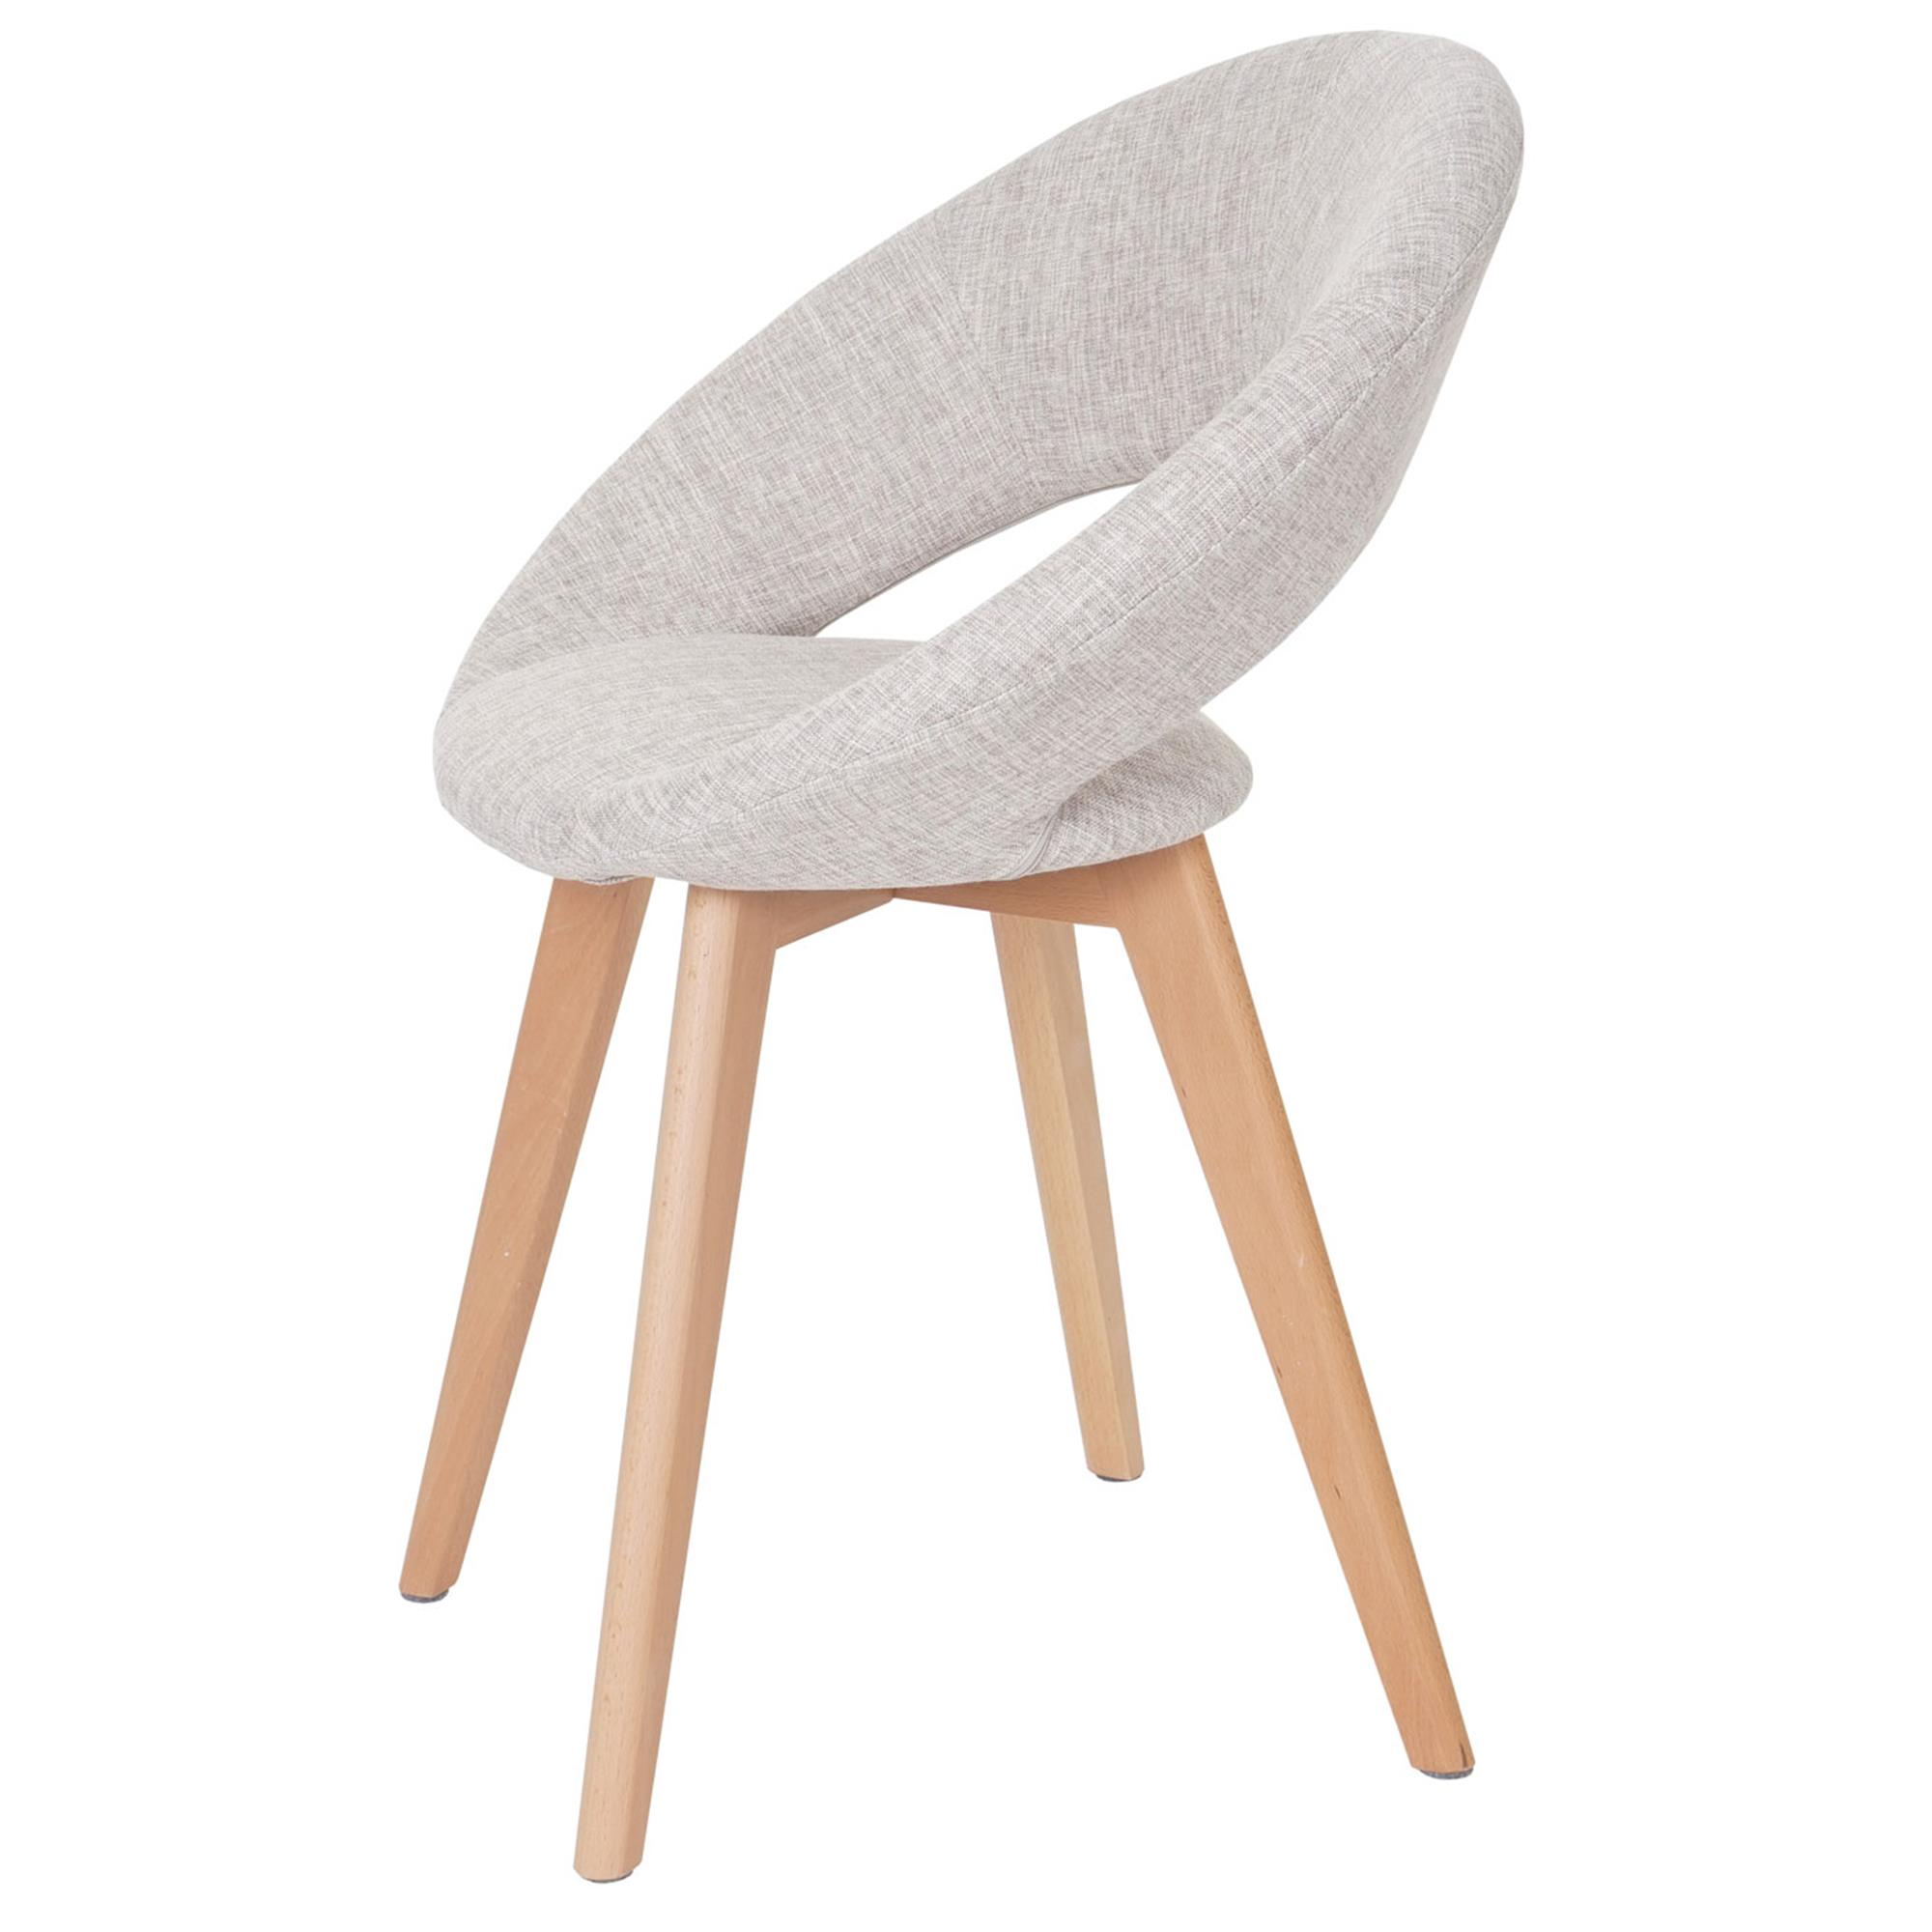 Silla de comedor vedri dise o retro en tela crema silla de comedor vedri en tela crema - Sillas de comedor diseno ...